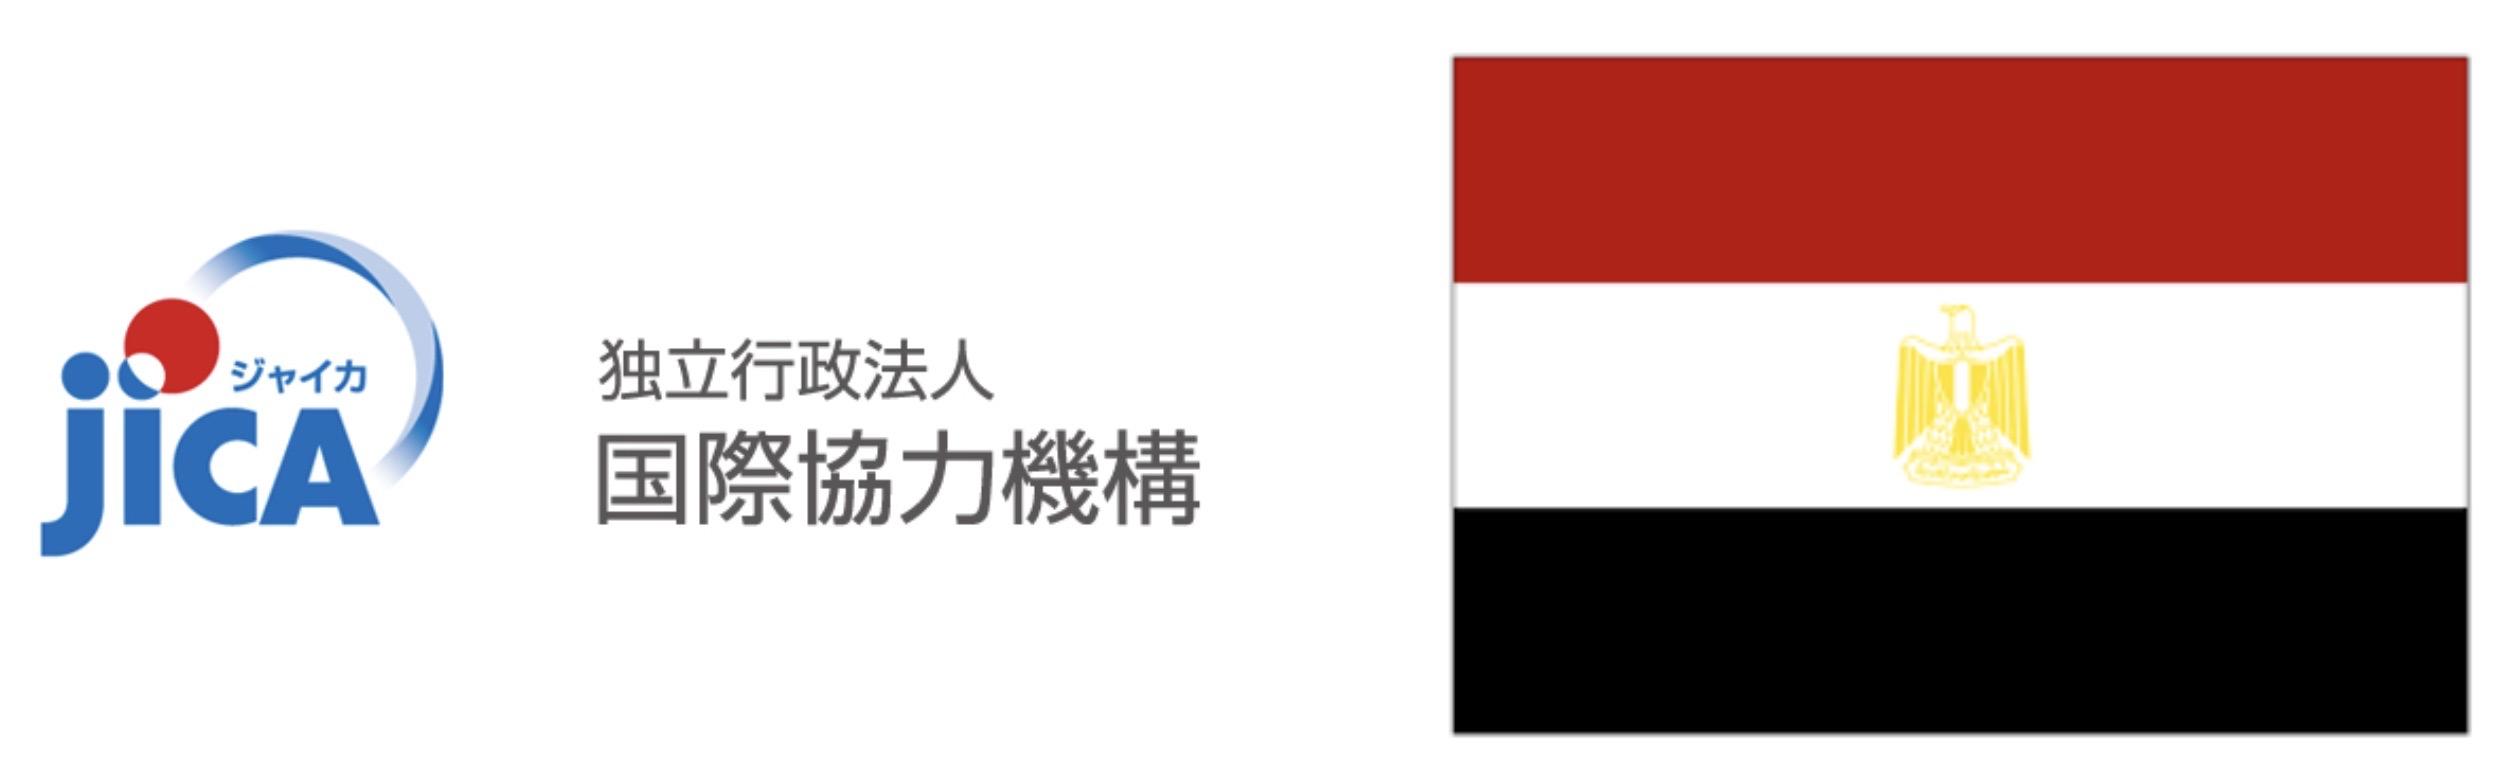 独立行政法人国際協力機構(JICA)・草の根技術協力事業に採択されました!